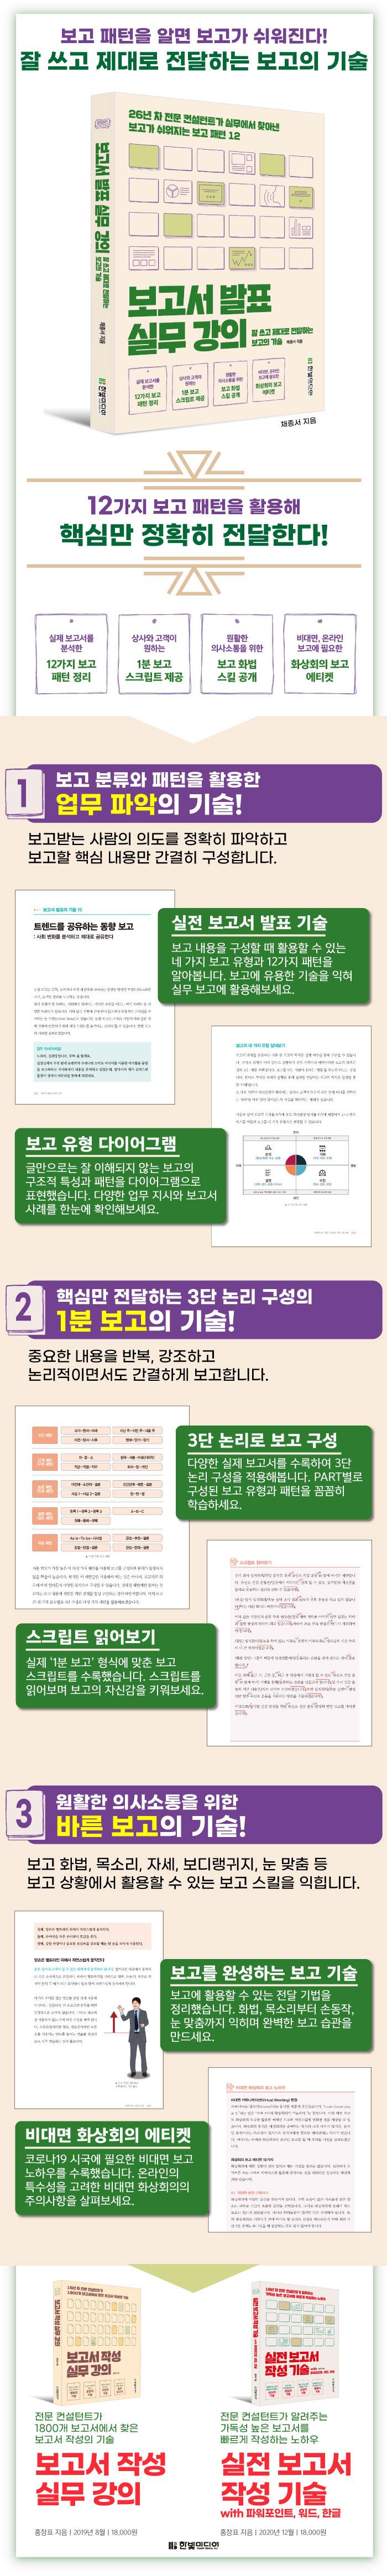 [상세페이지] 보고서 발표 실무 강의_700px.jpg